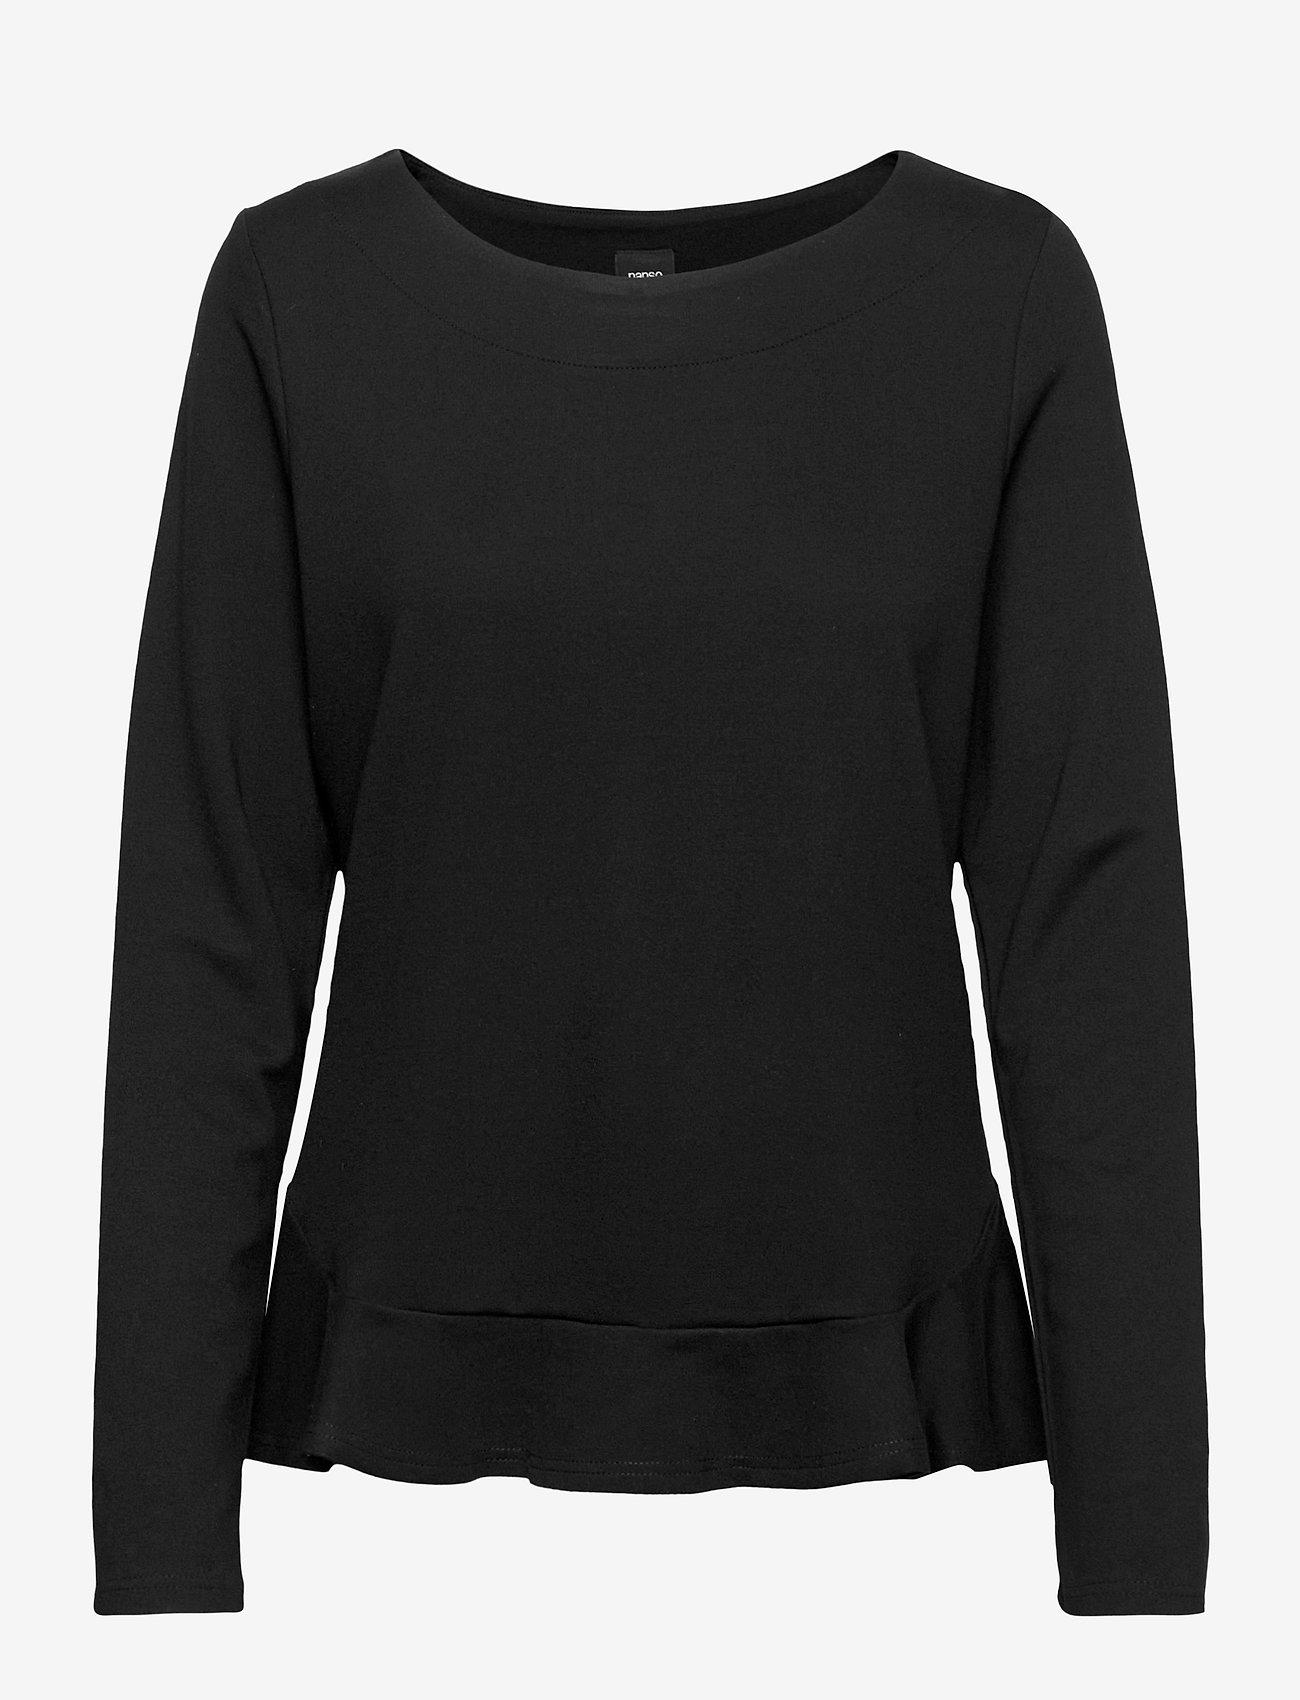 Nanso - Ladies blouse, Minne - black - 0